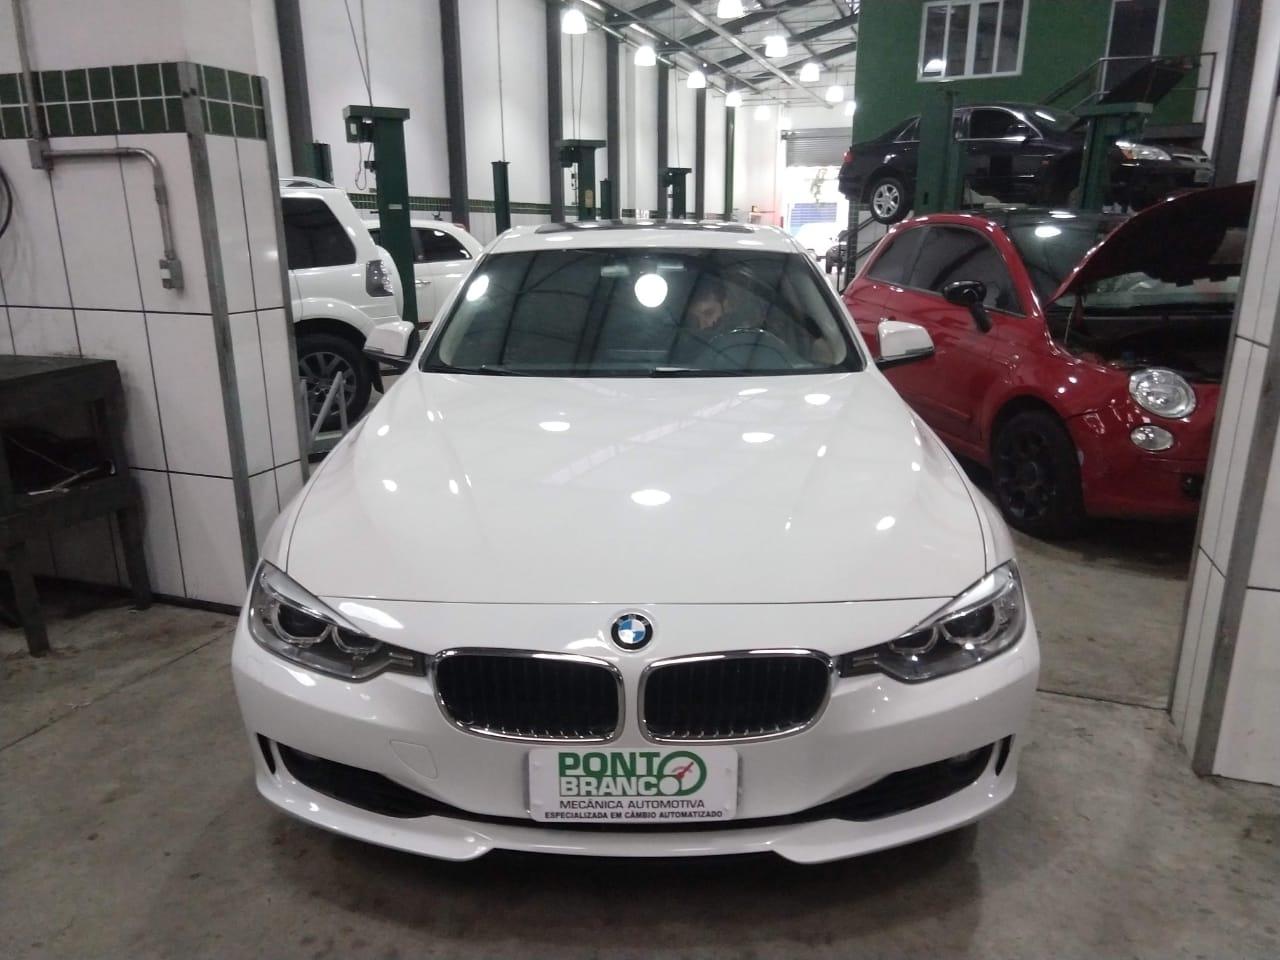 Revisão - Ponto Branco Auto